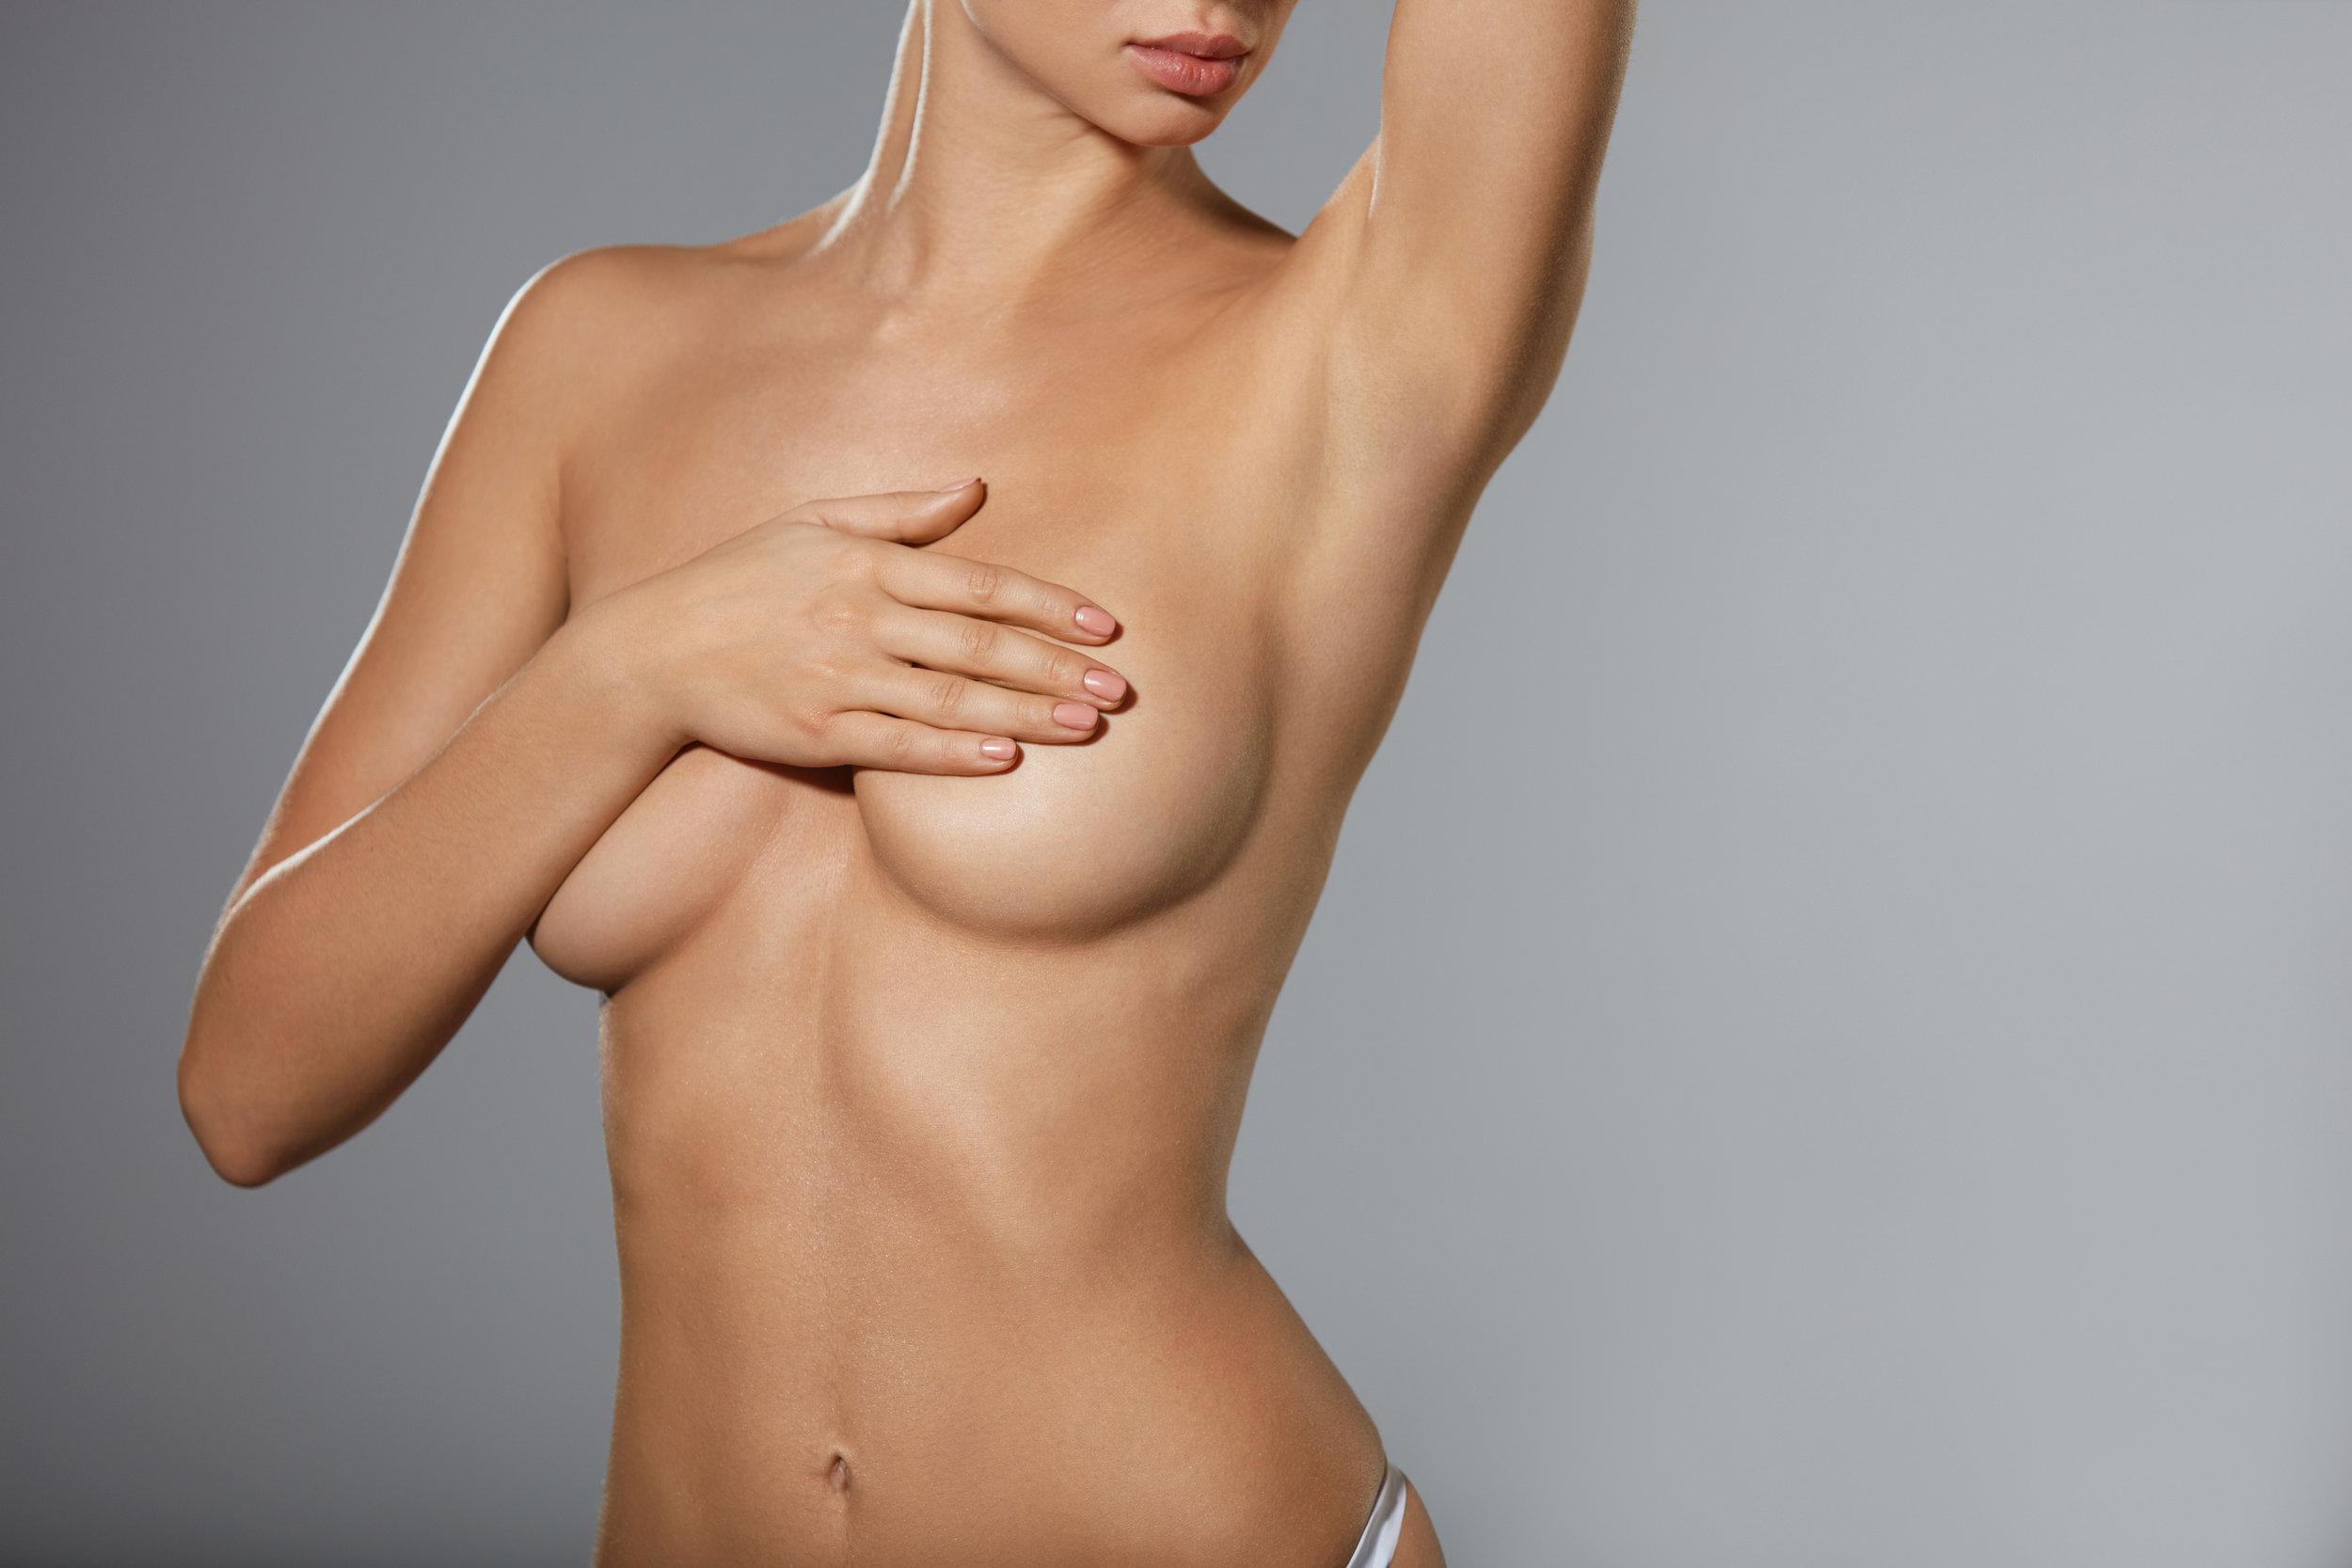 - BReast